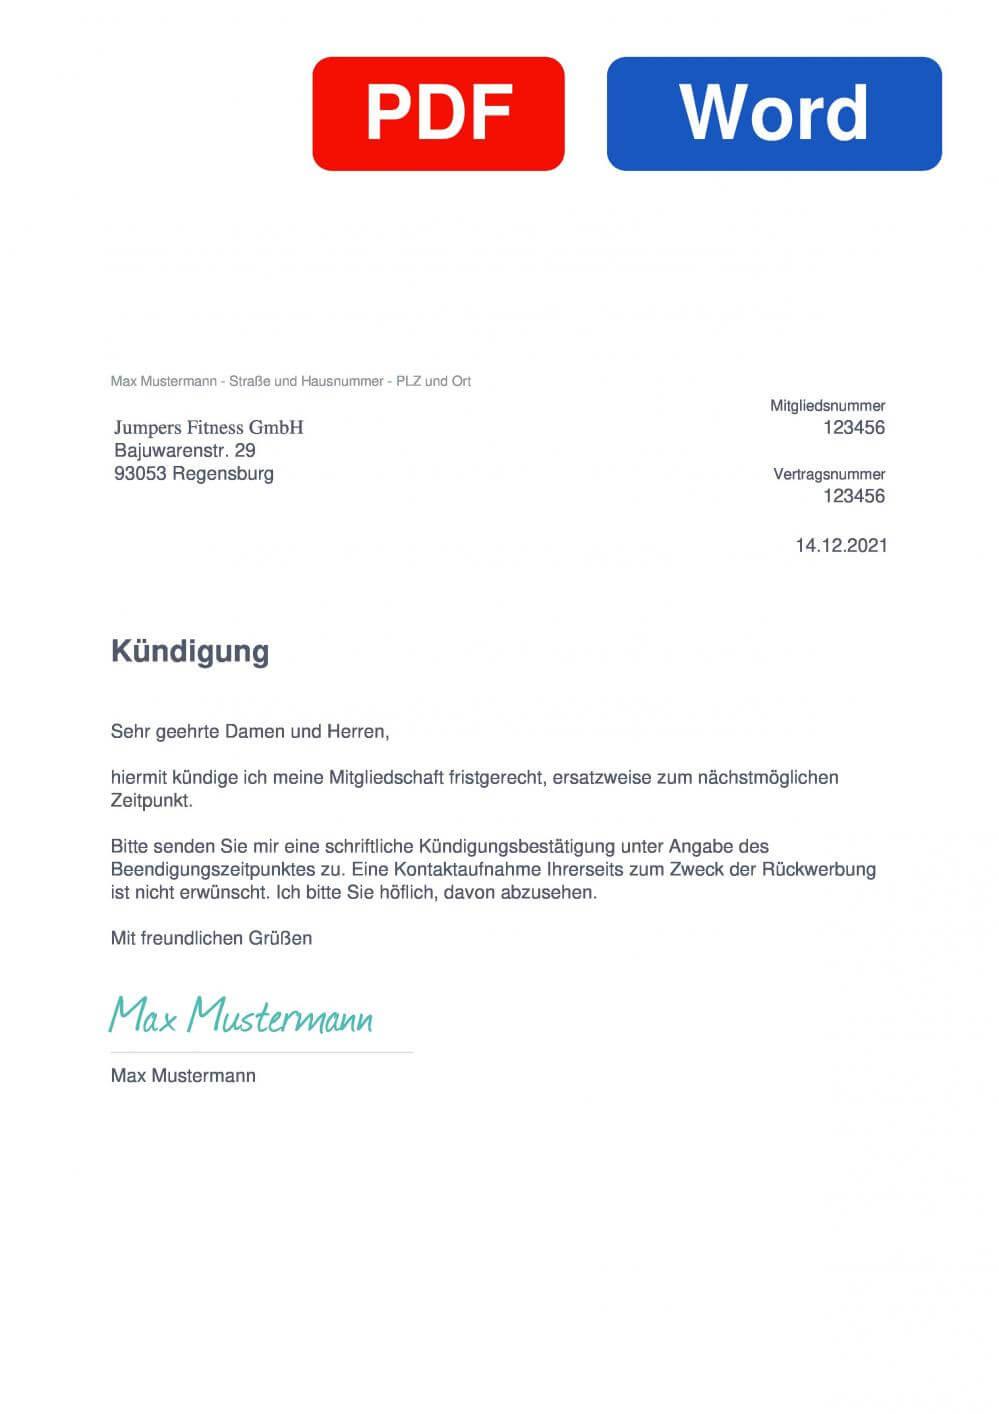 jumpers Regensburg Muster Vorlage für Kündigungsschreiben